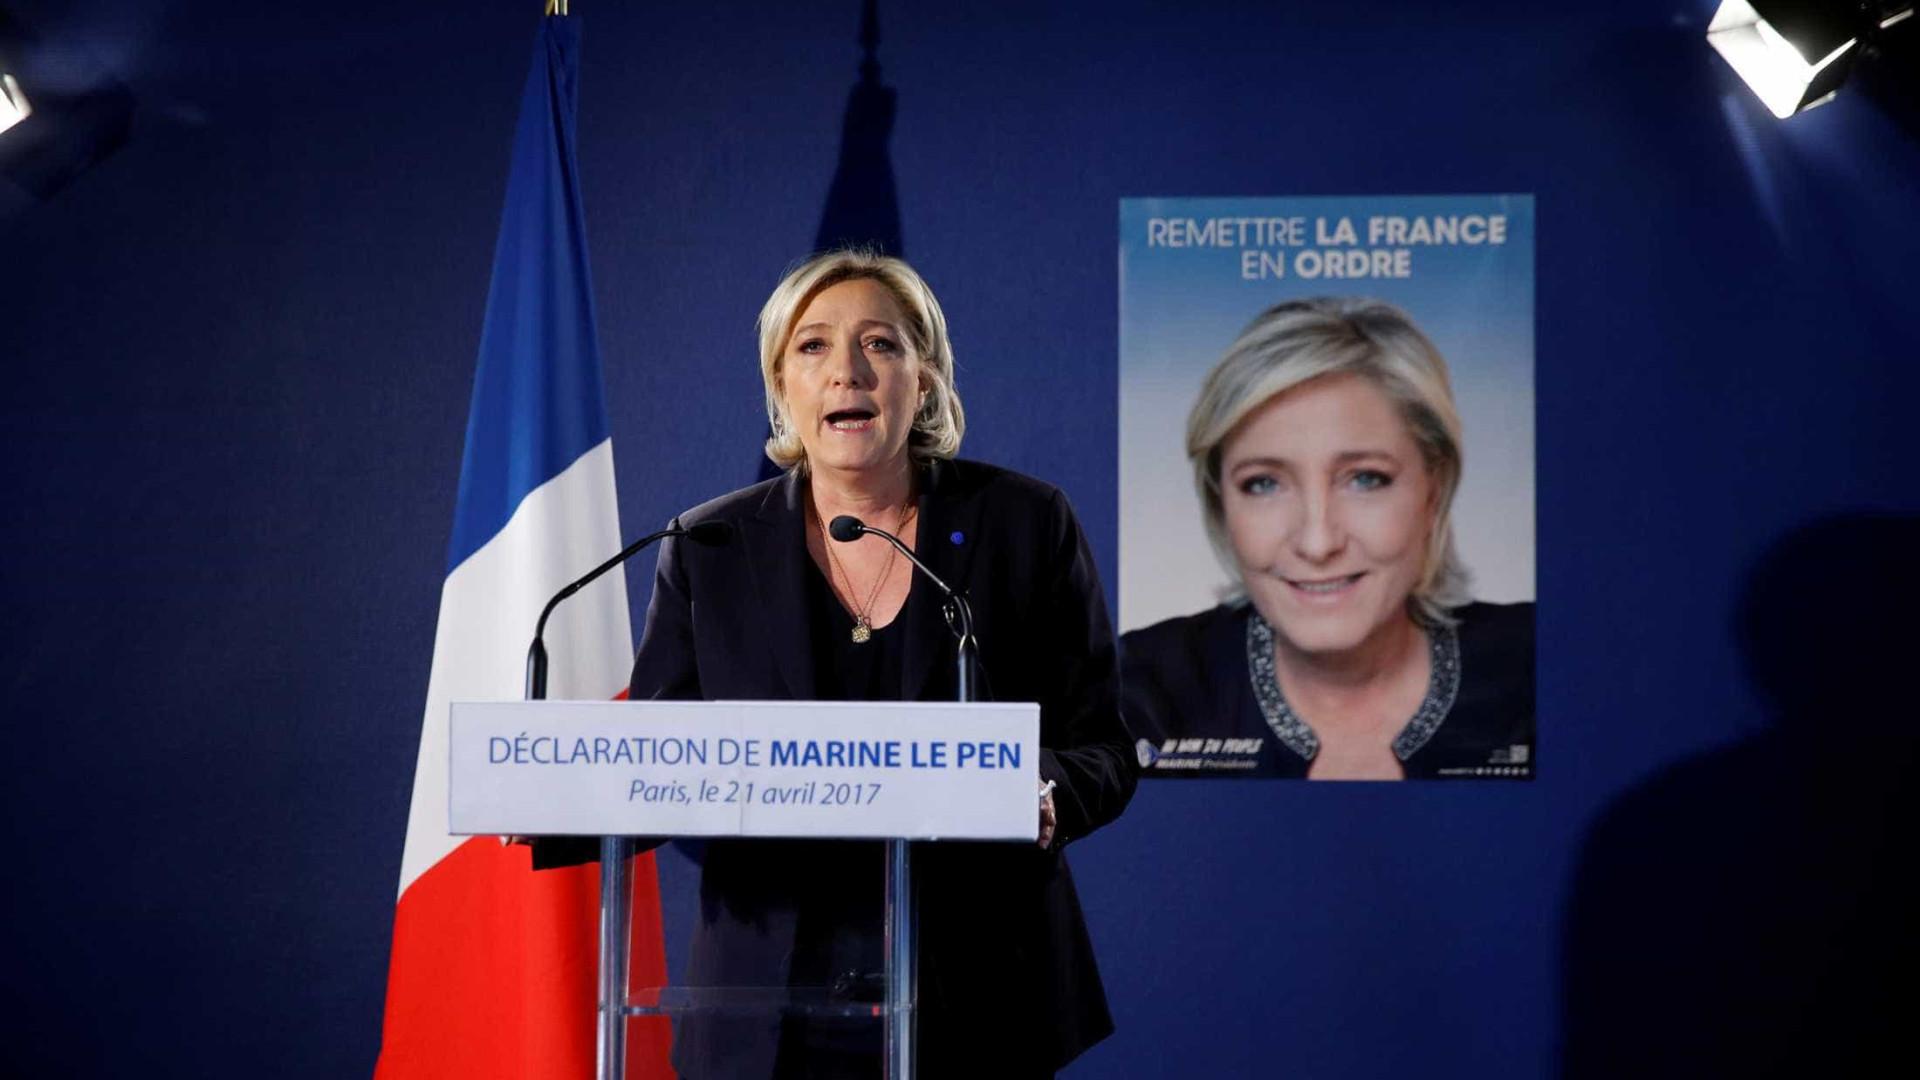 Le Pen reage a atentado e pede restabelecimento das fronteiras